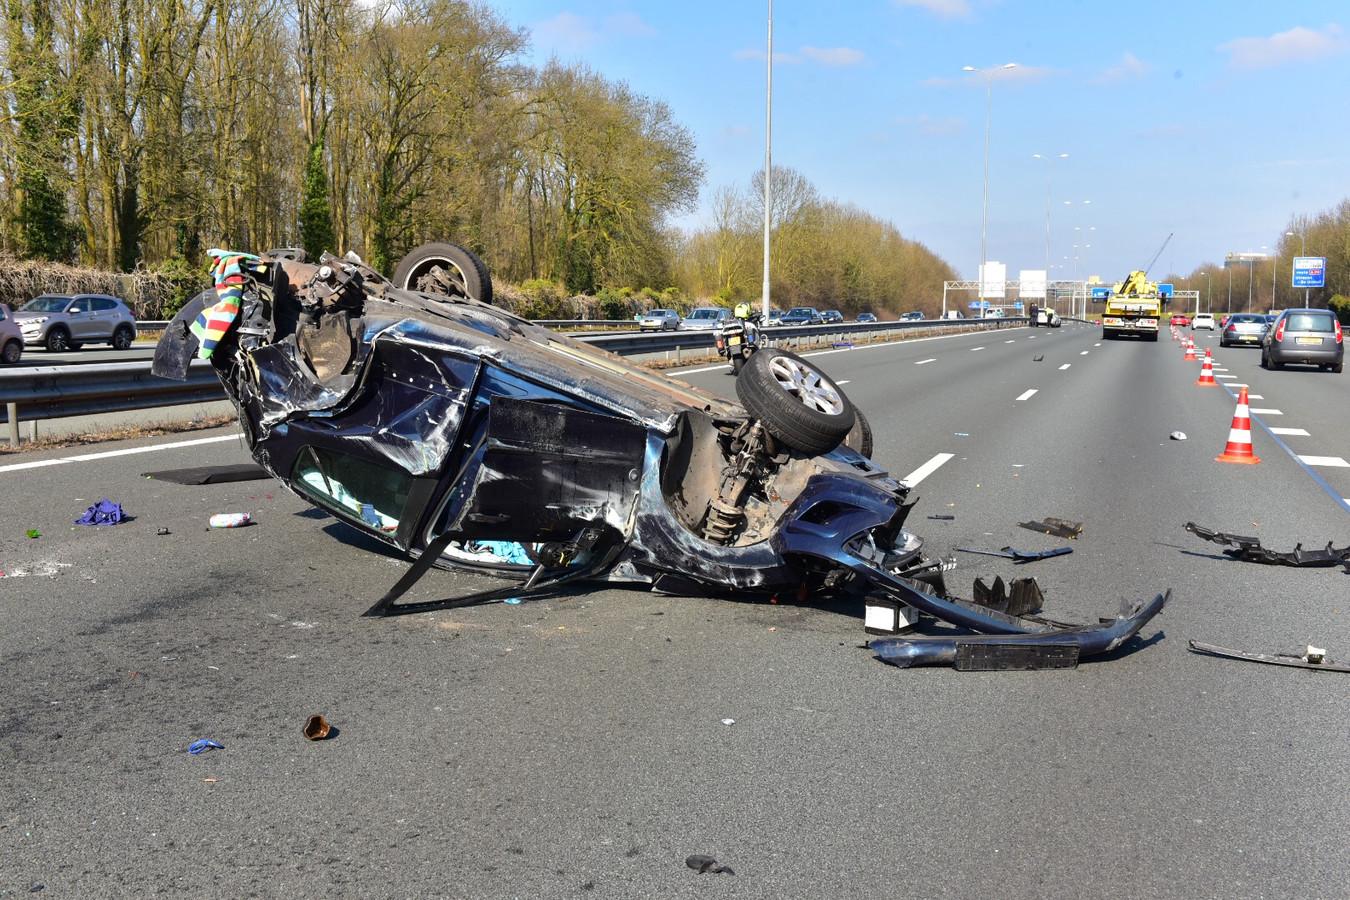 Even voor 14.00 uur ging het mis op de rijbaan richting Almere.